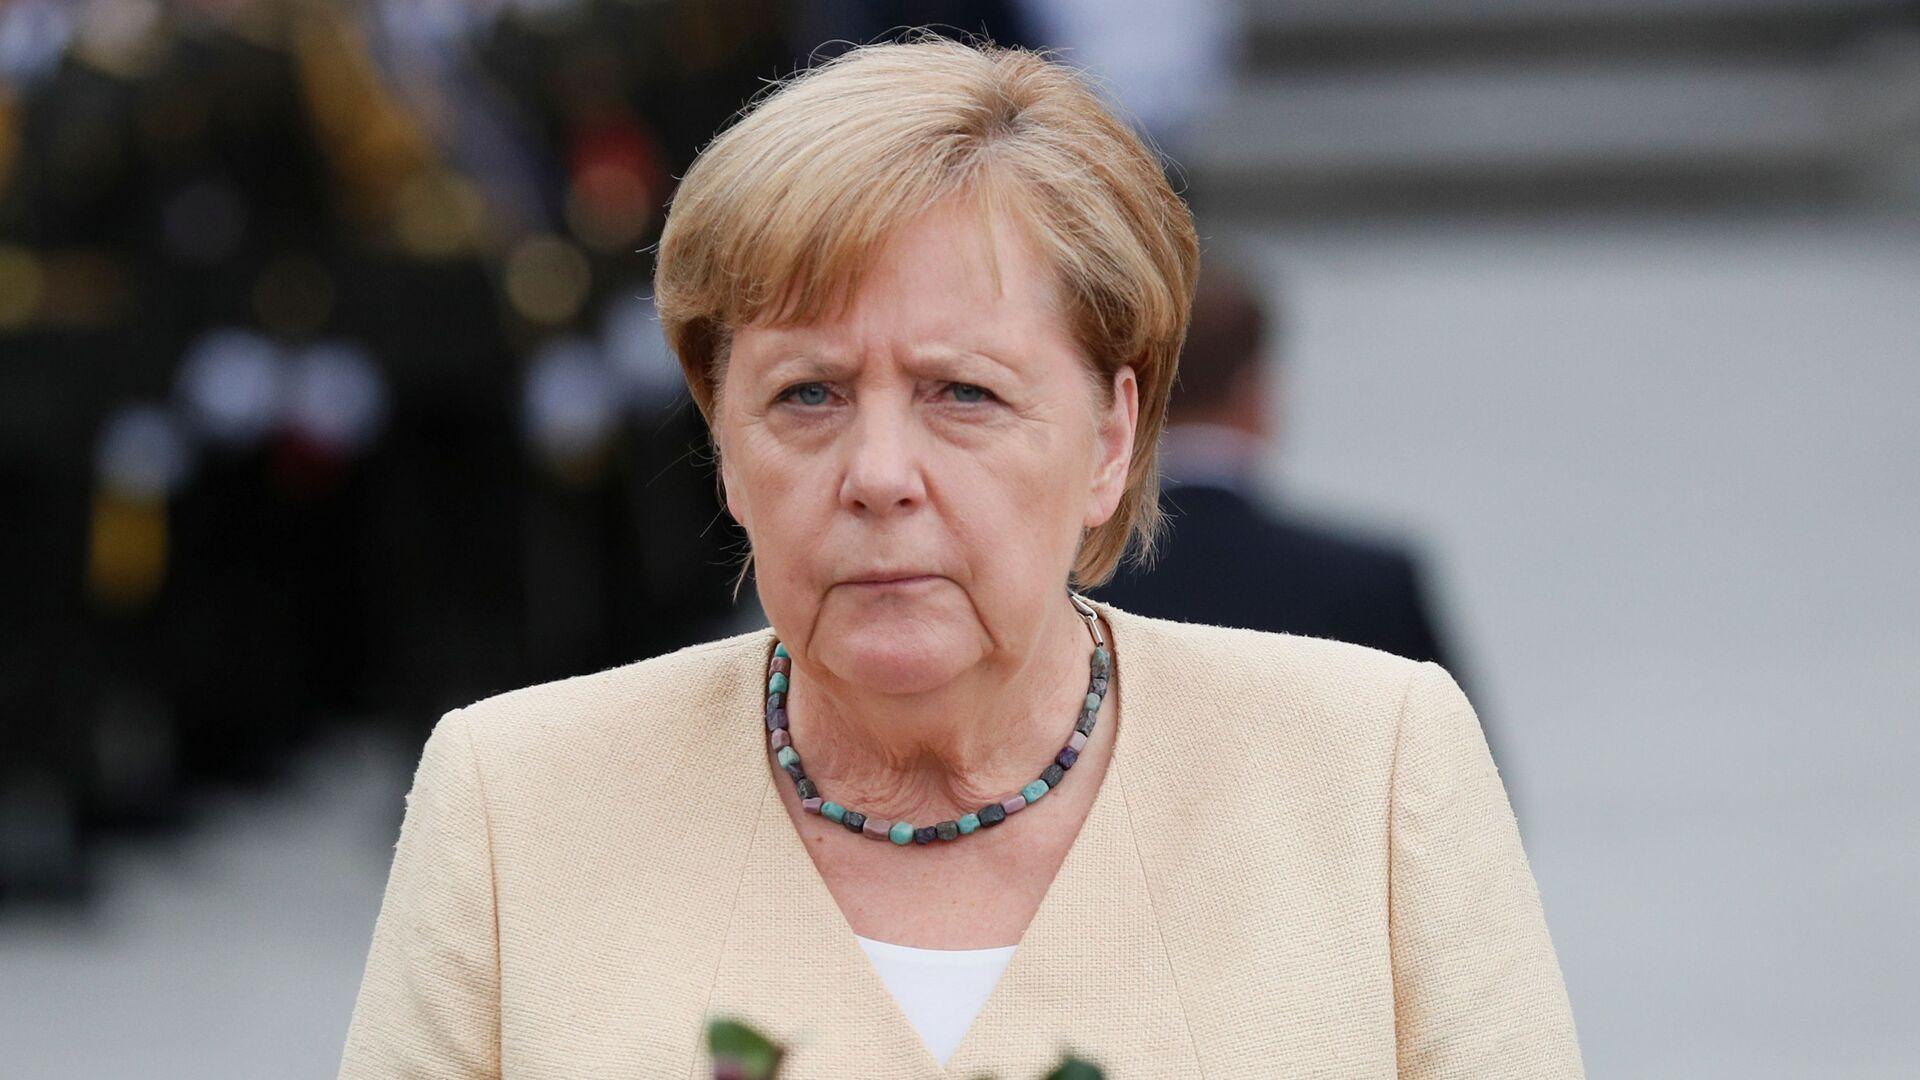 Německá kancléřka Merkelová v Kyjevě - Sputnik Česká republika, 1920, 23.08.2021